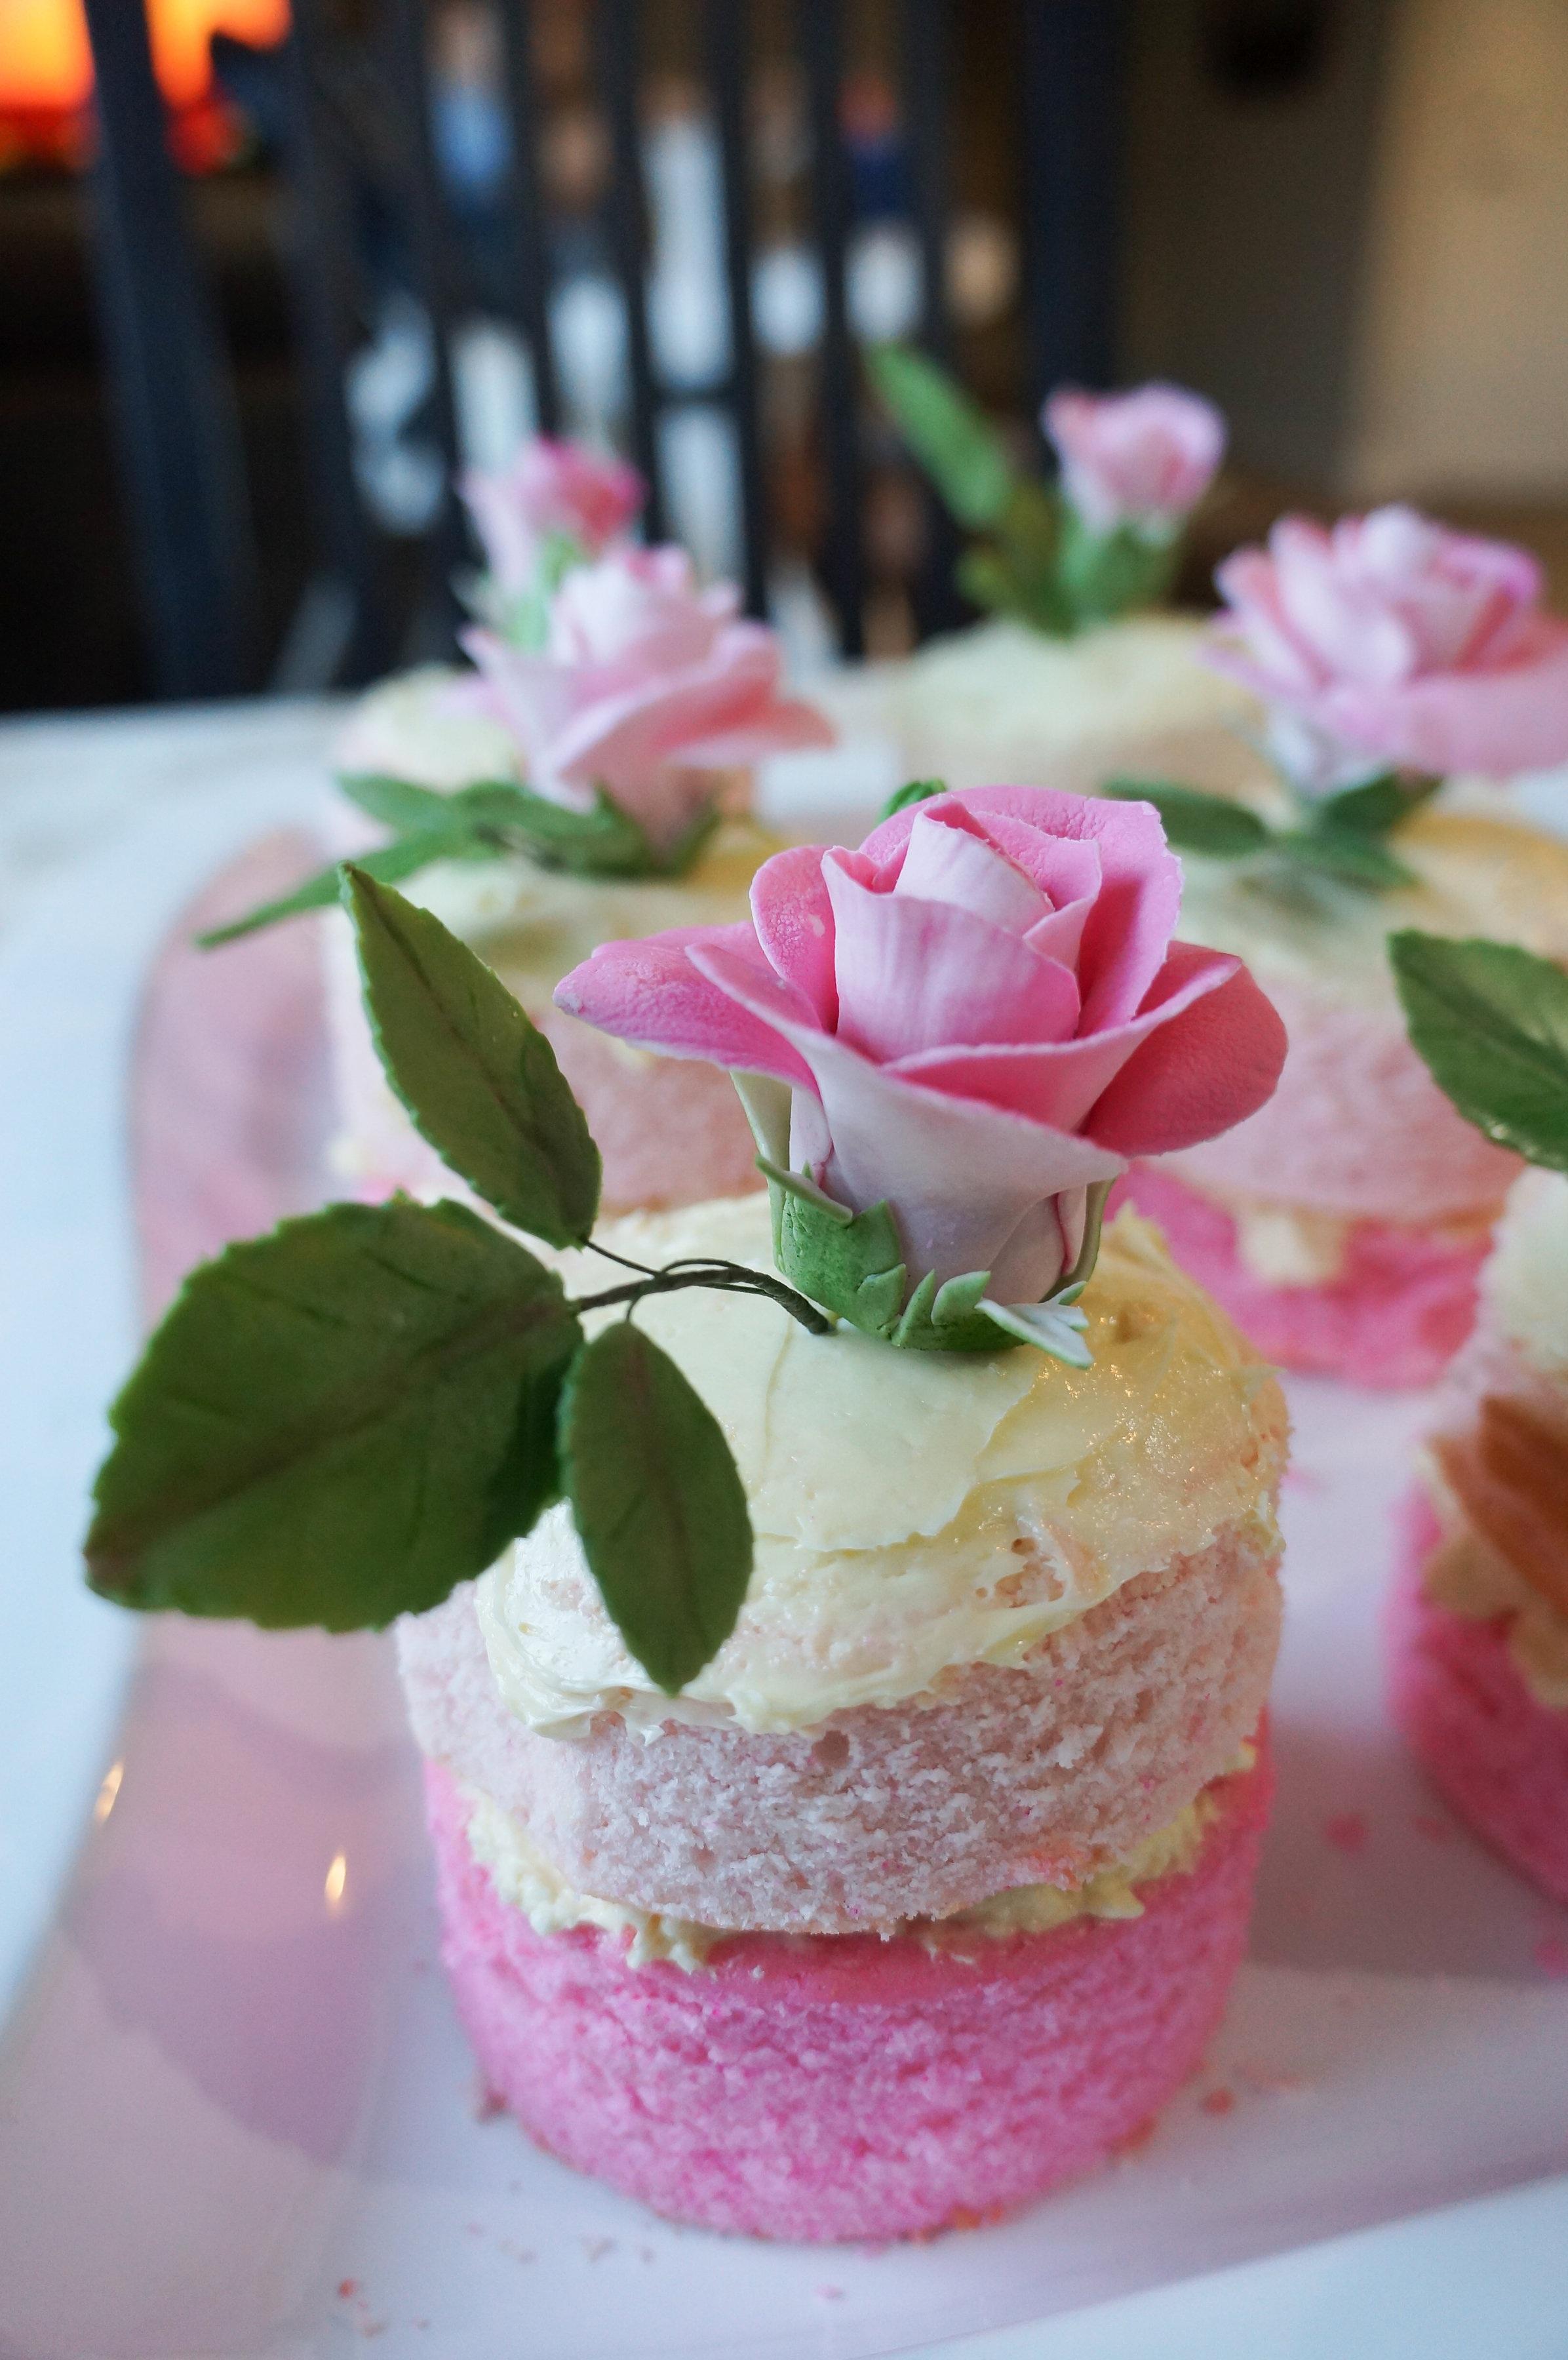 знаки прикрепляются десерт в розовом цвете фото играх конкурсах